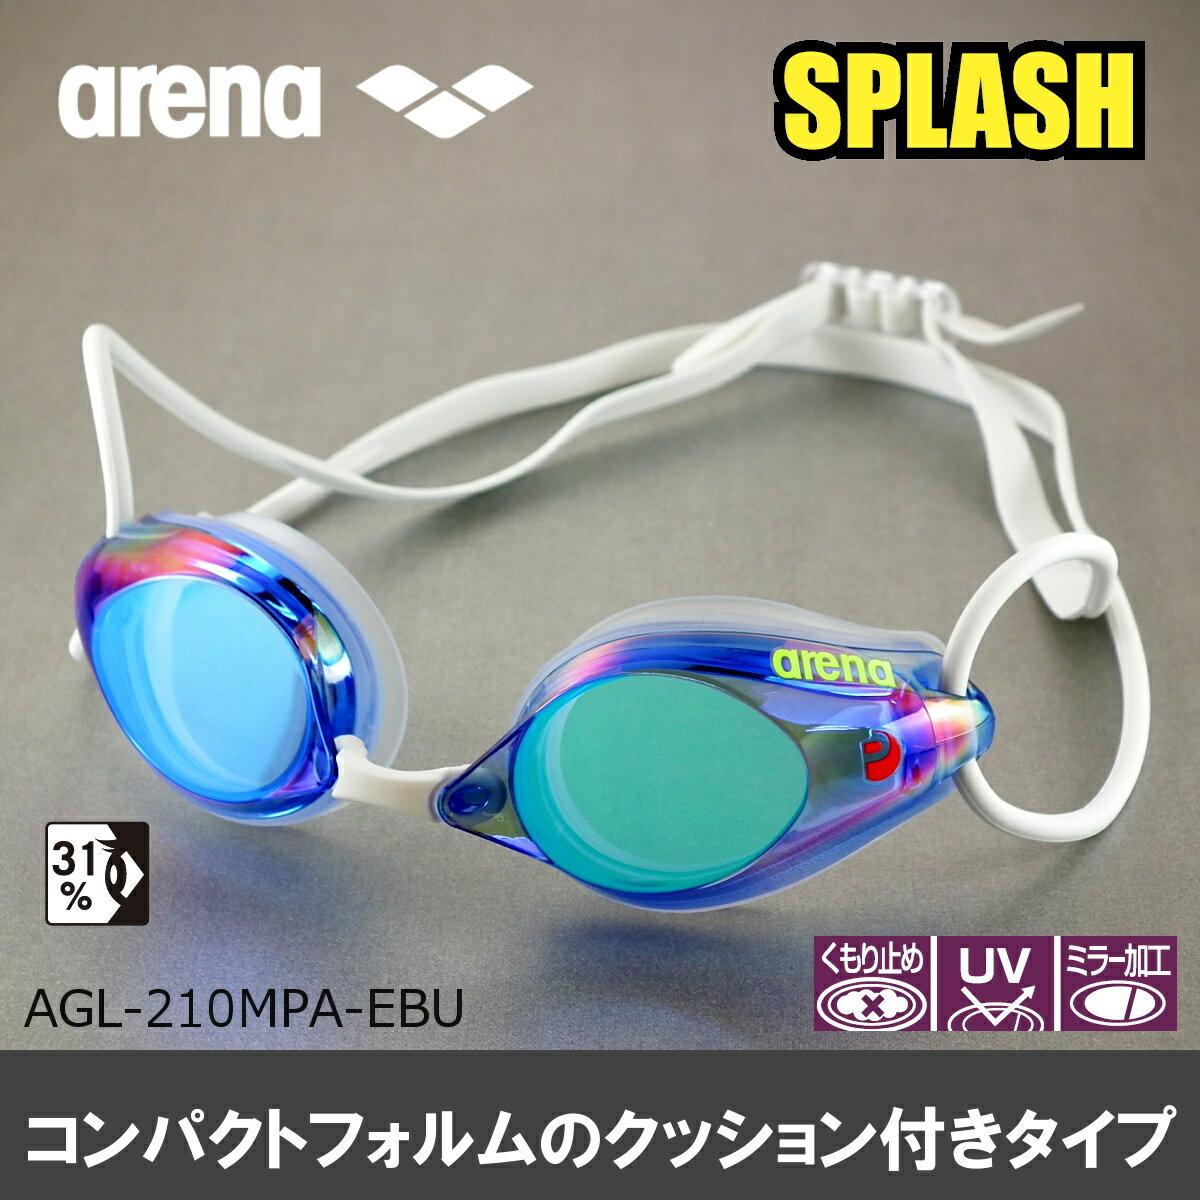 【スイムゴーグル】ARENA アリーナ クッション付き スイミングゴーグル ミラータイプ SPLASH(スプラッシュ) 水泳 AGL-210MPA-EBU